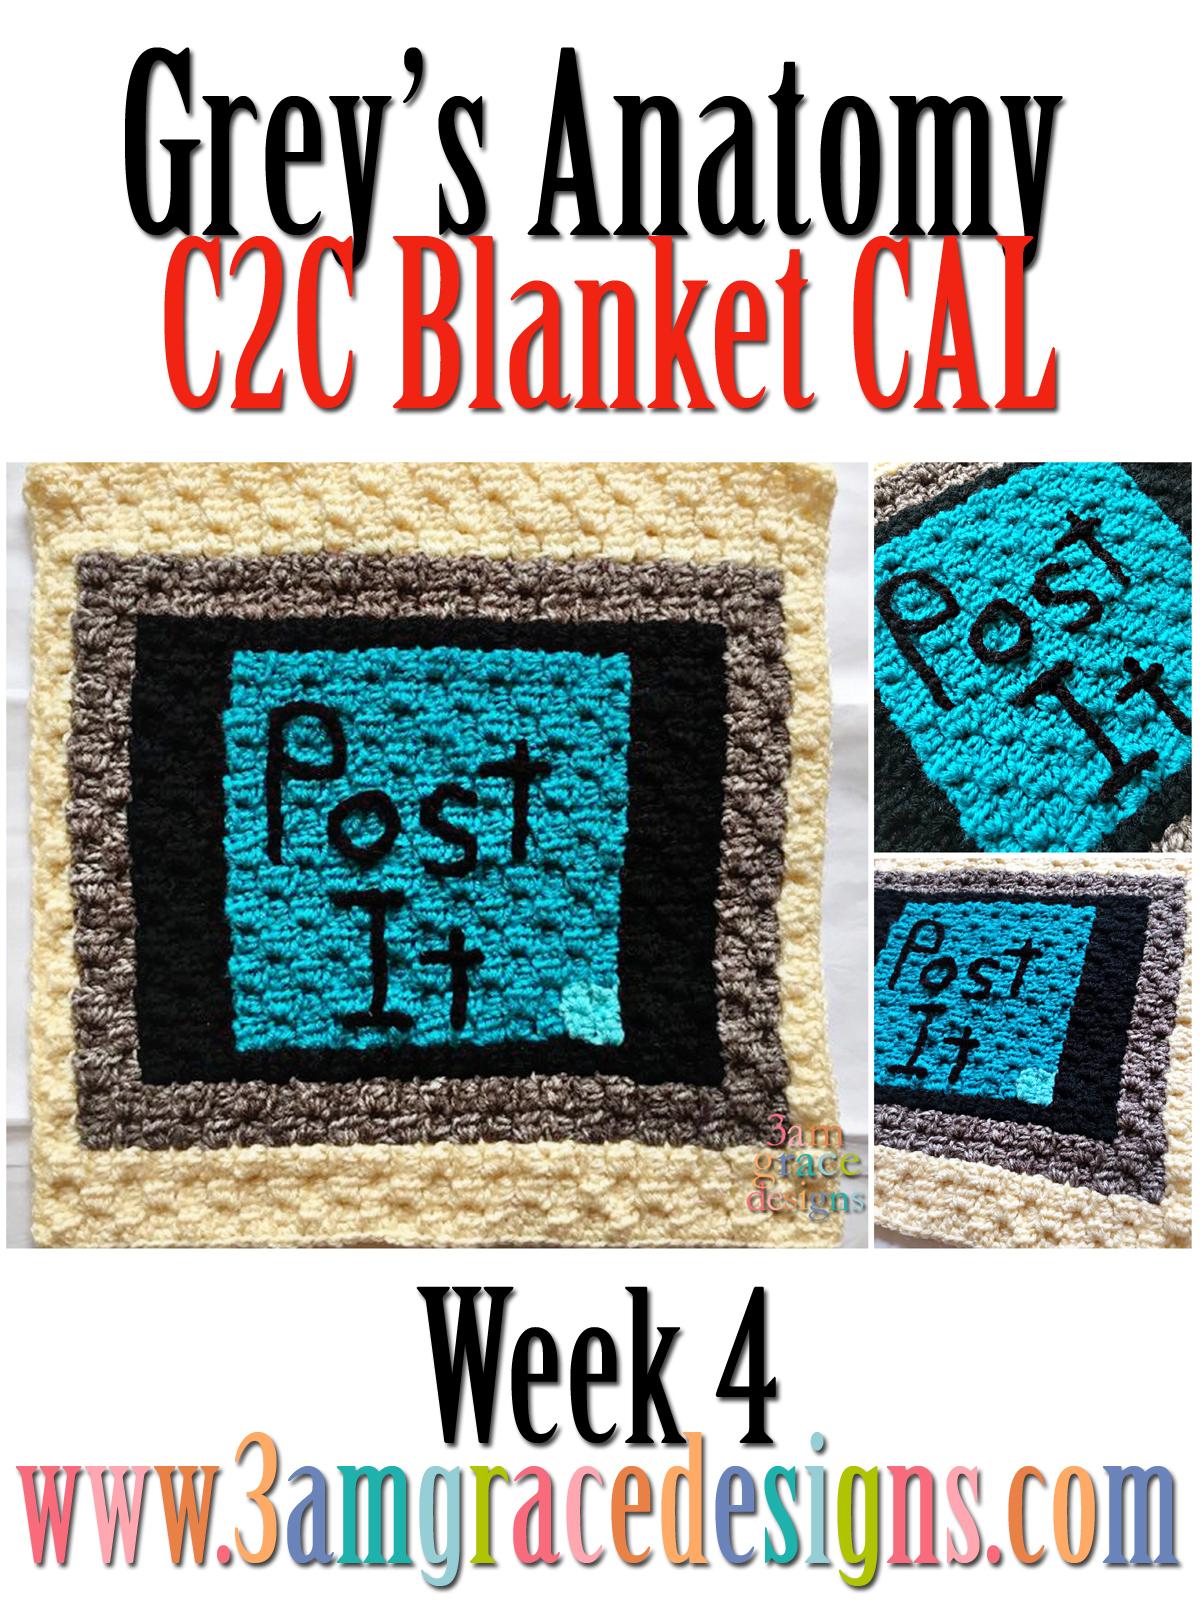 Greys Anatomy C2c Cal Week 4 Free Crochet Pattern 3amgracedesigns